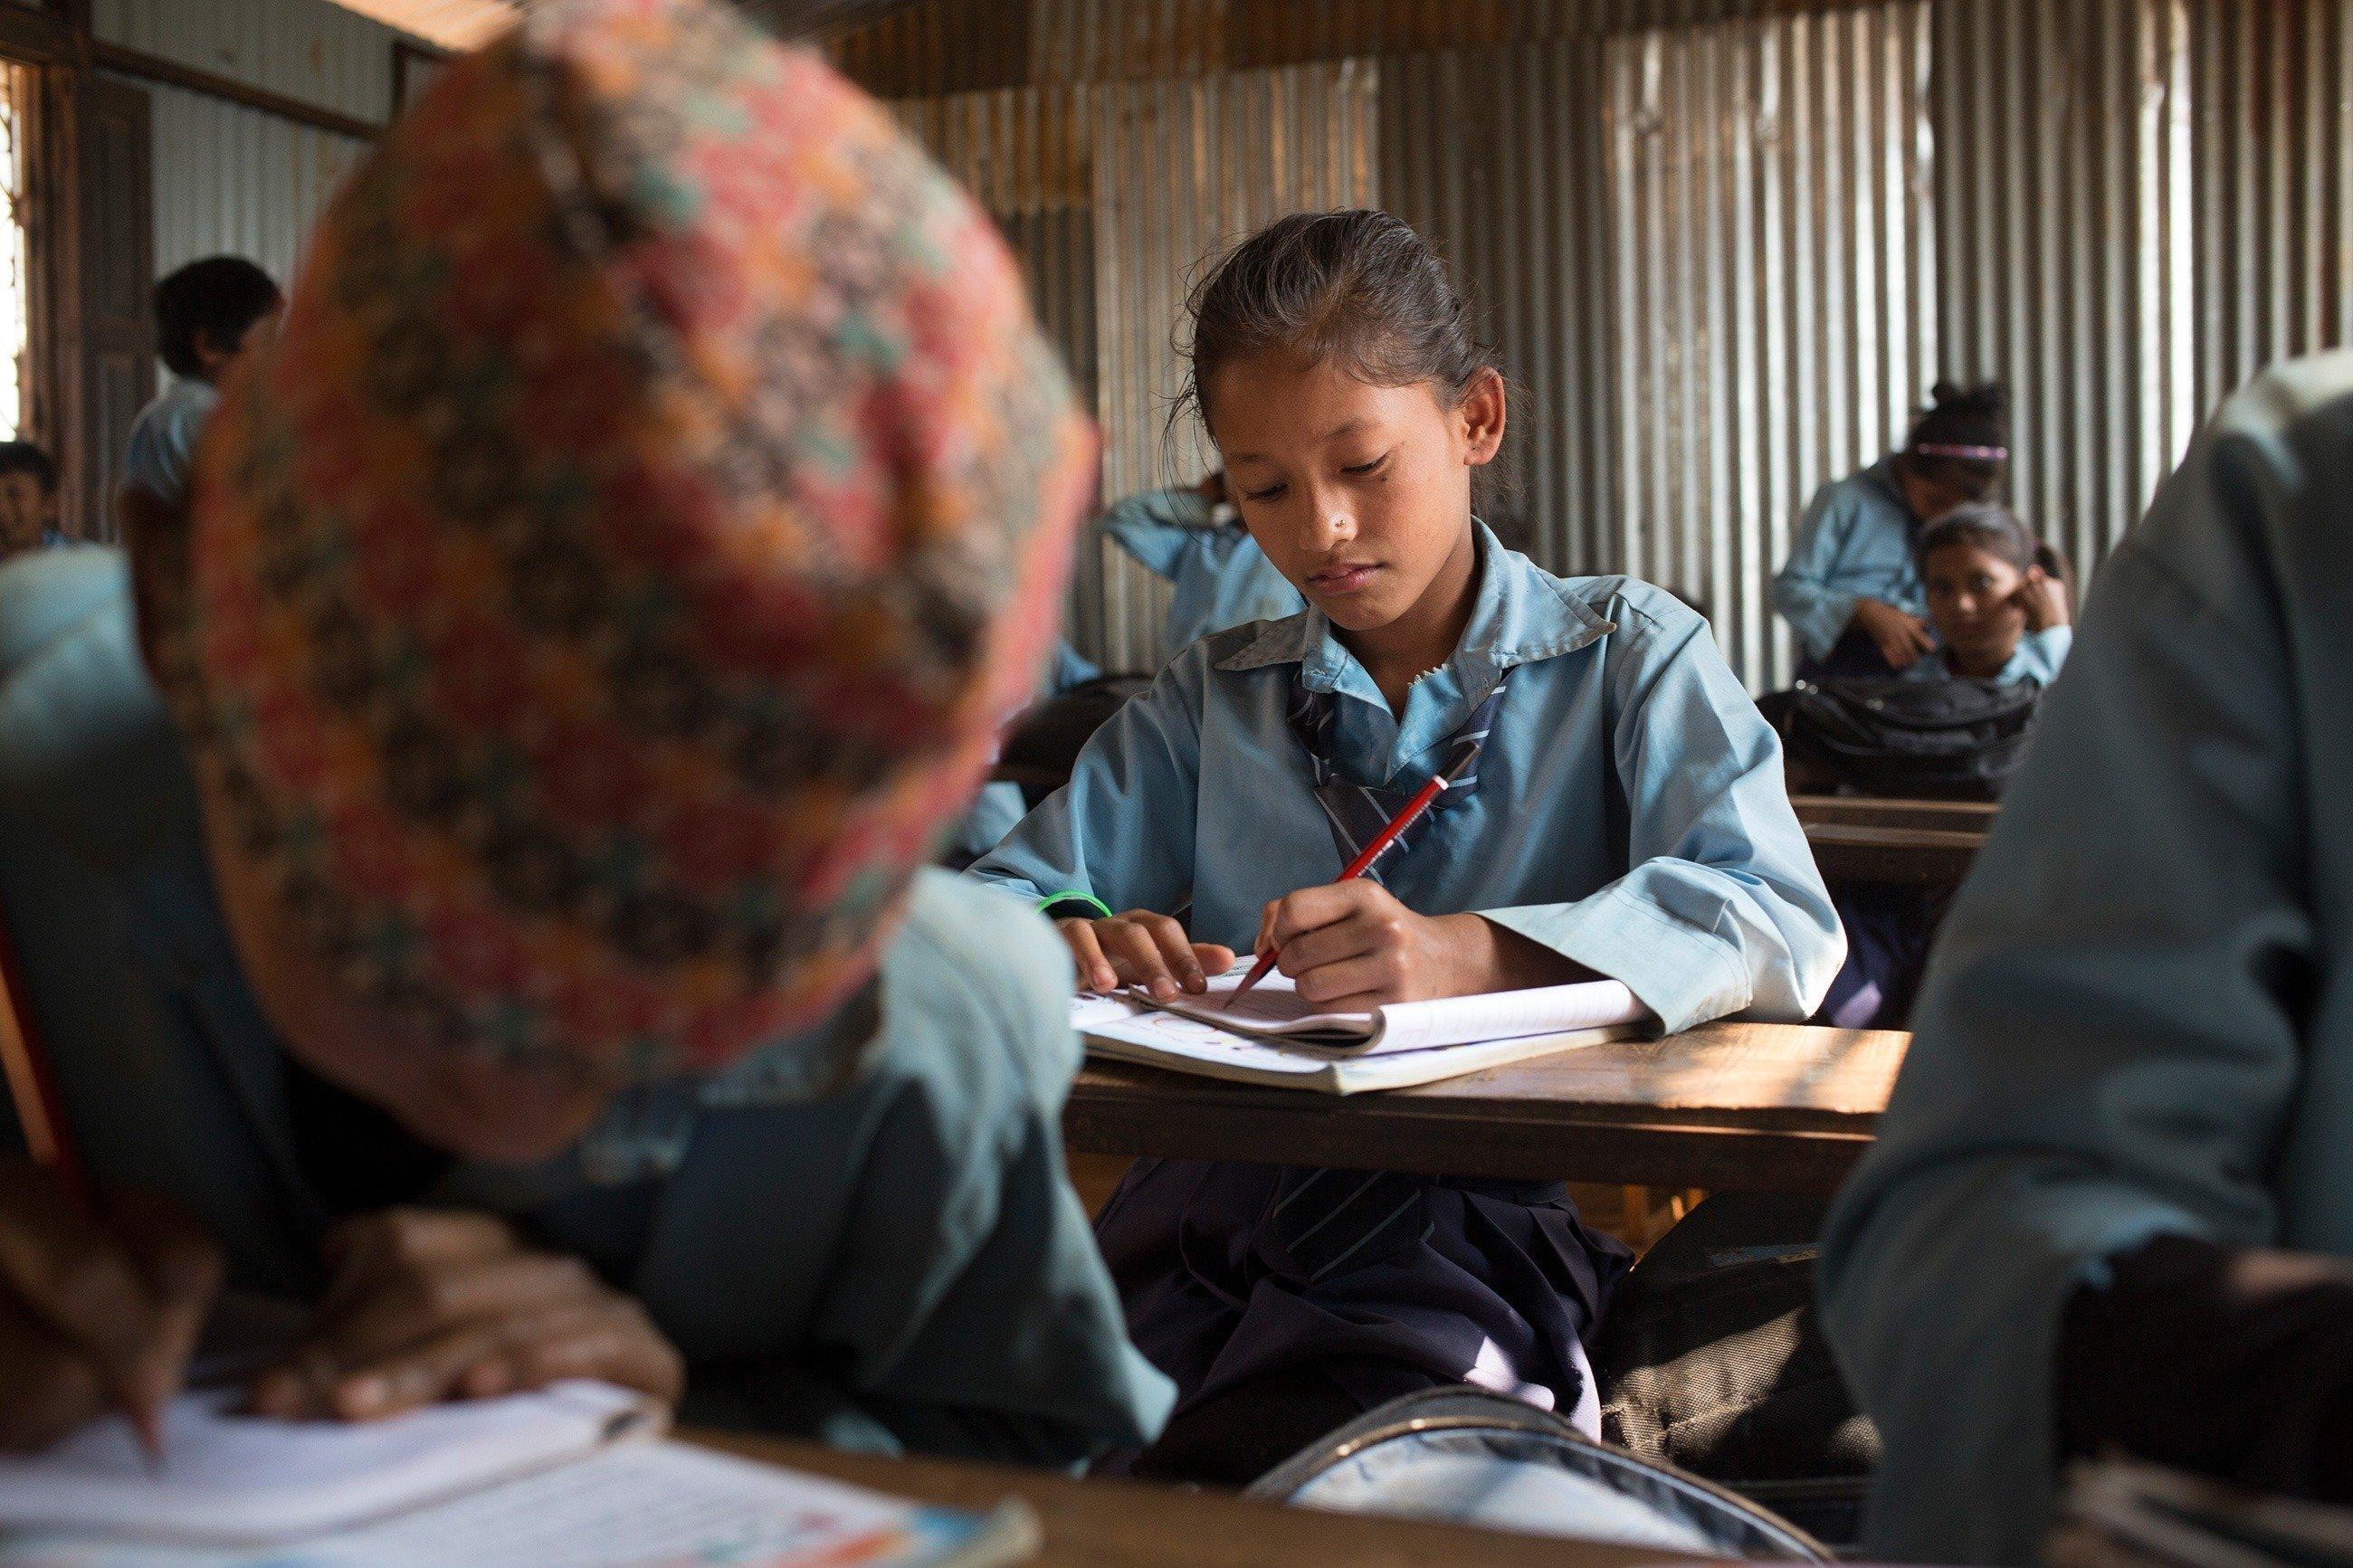 Une petite fille népalaise, assise à l'école, écrit dans son cahier.